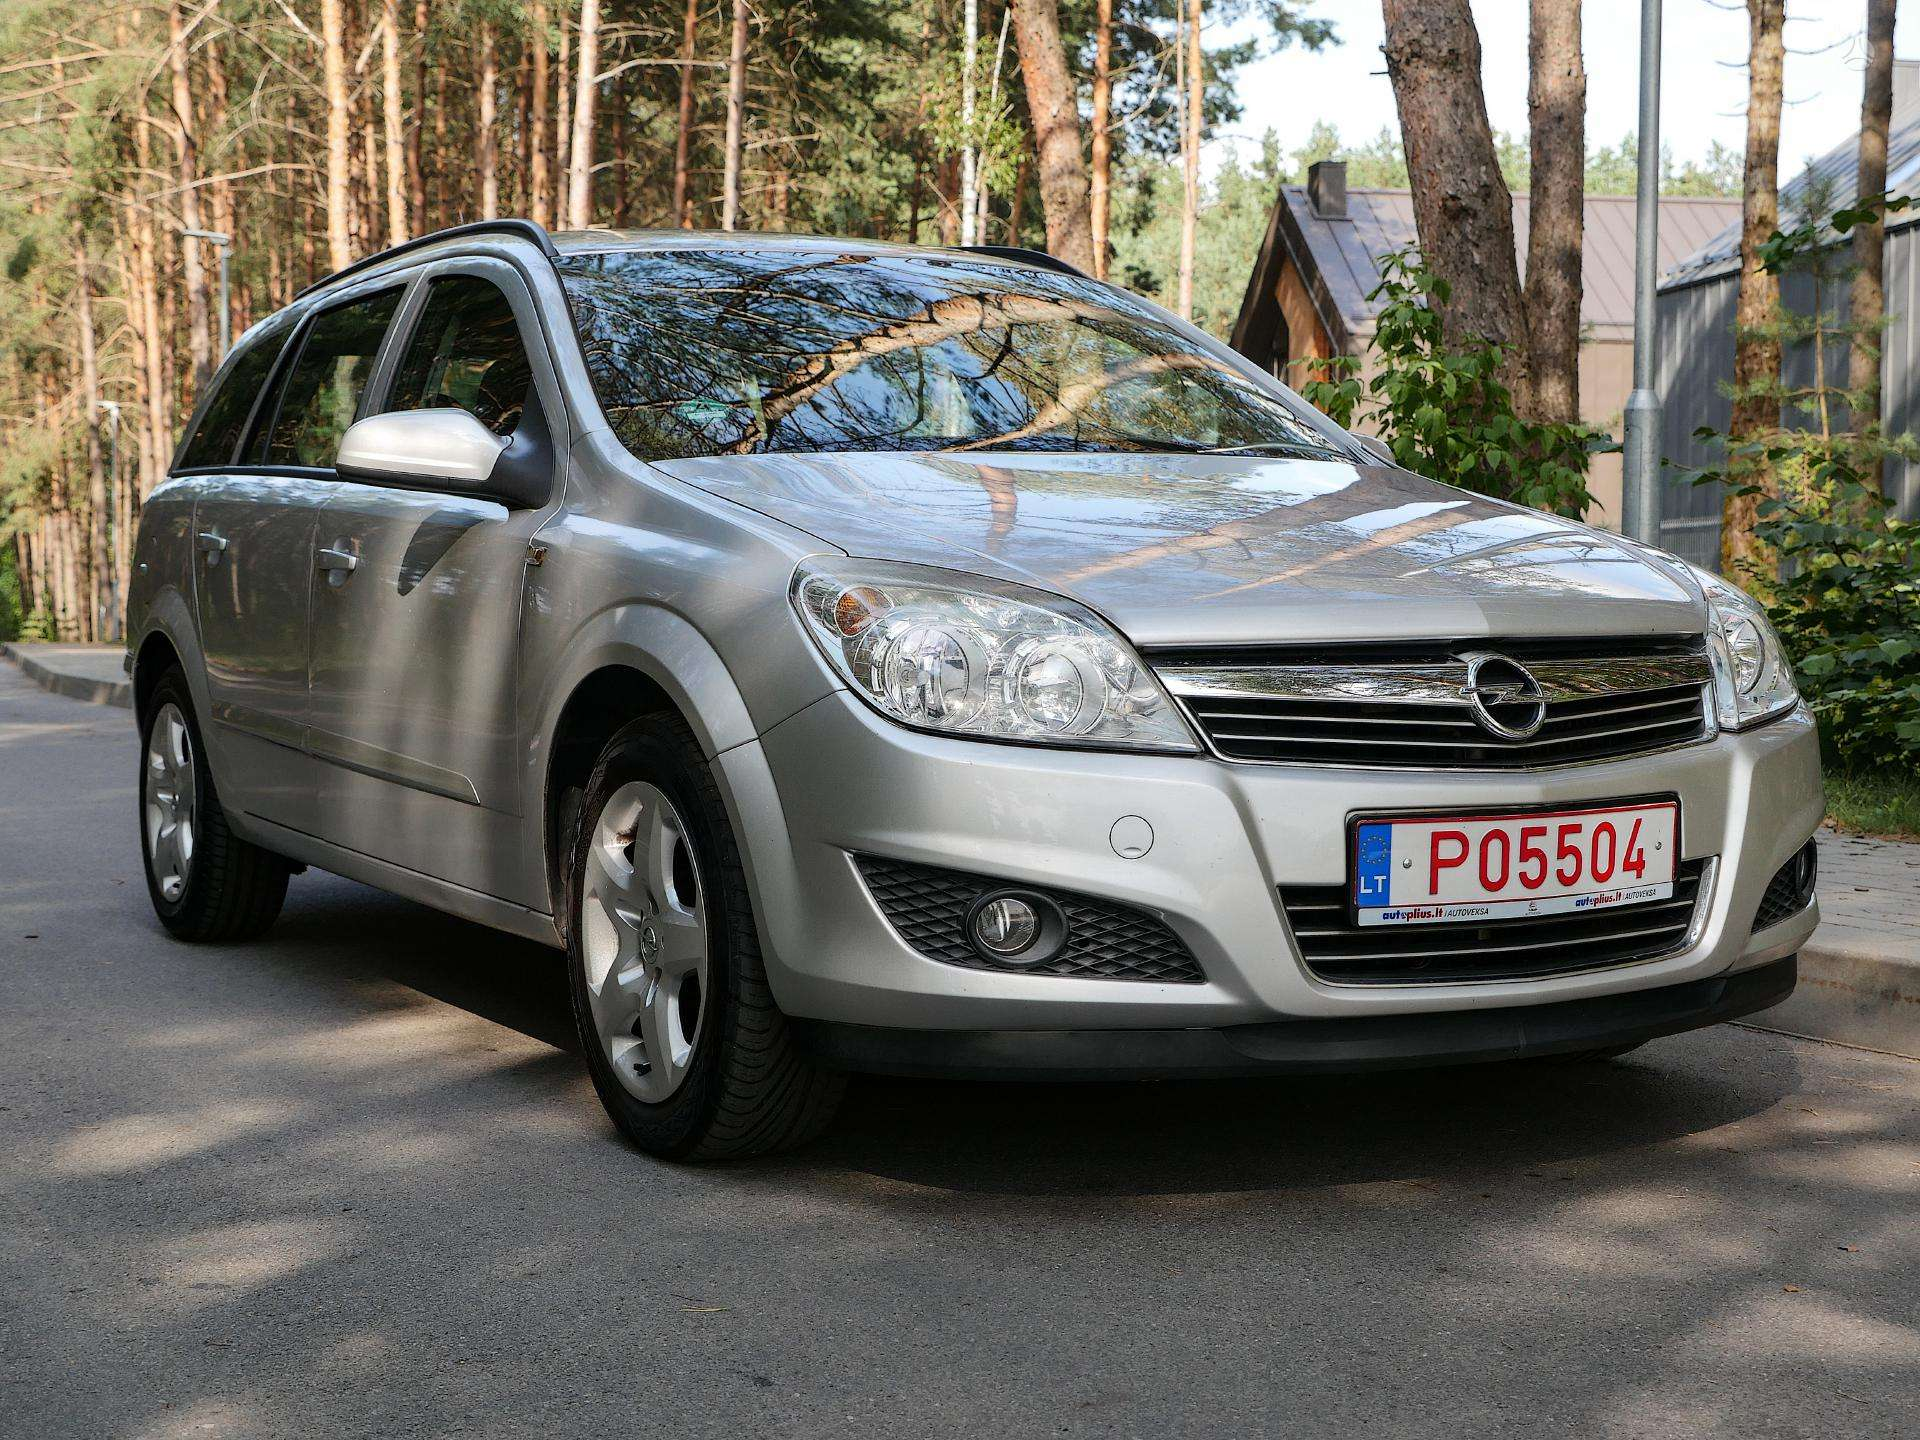 Opel Astra Išsimokėtinai nuo 62Eur/Mėn su 3 mėnesių garantija